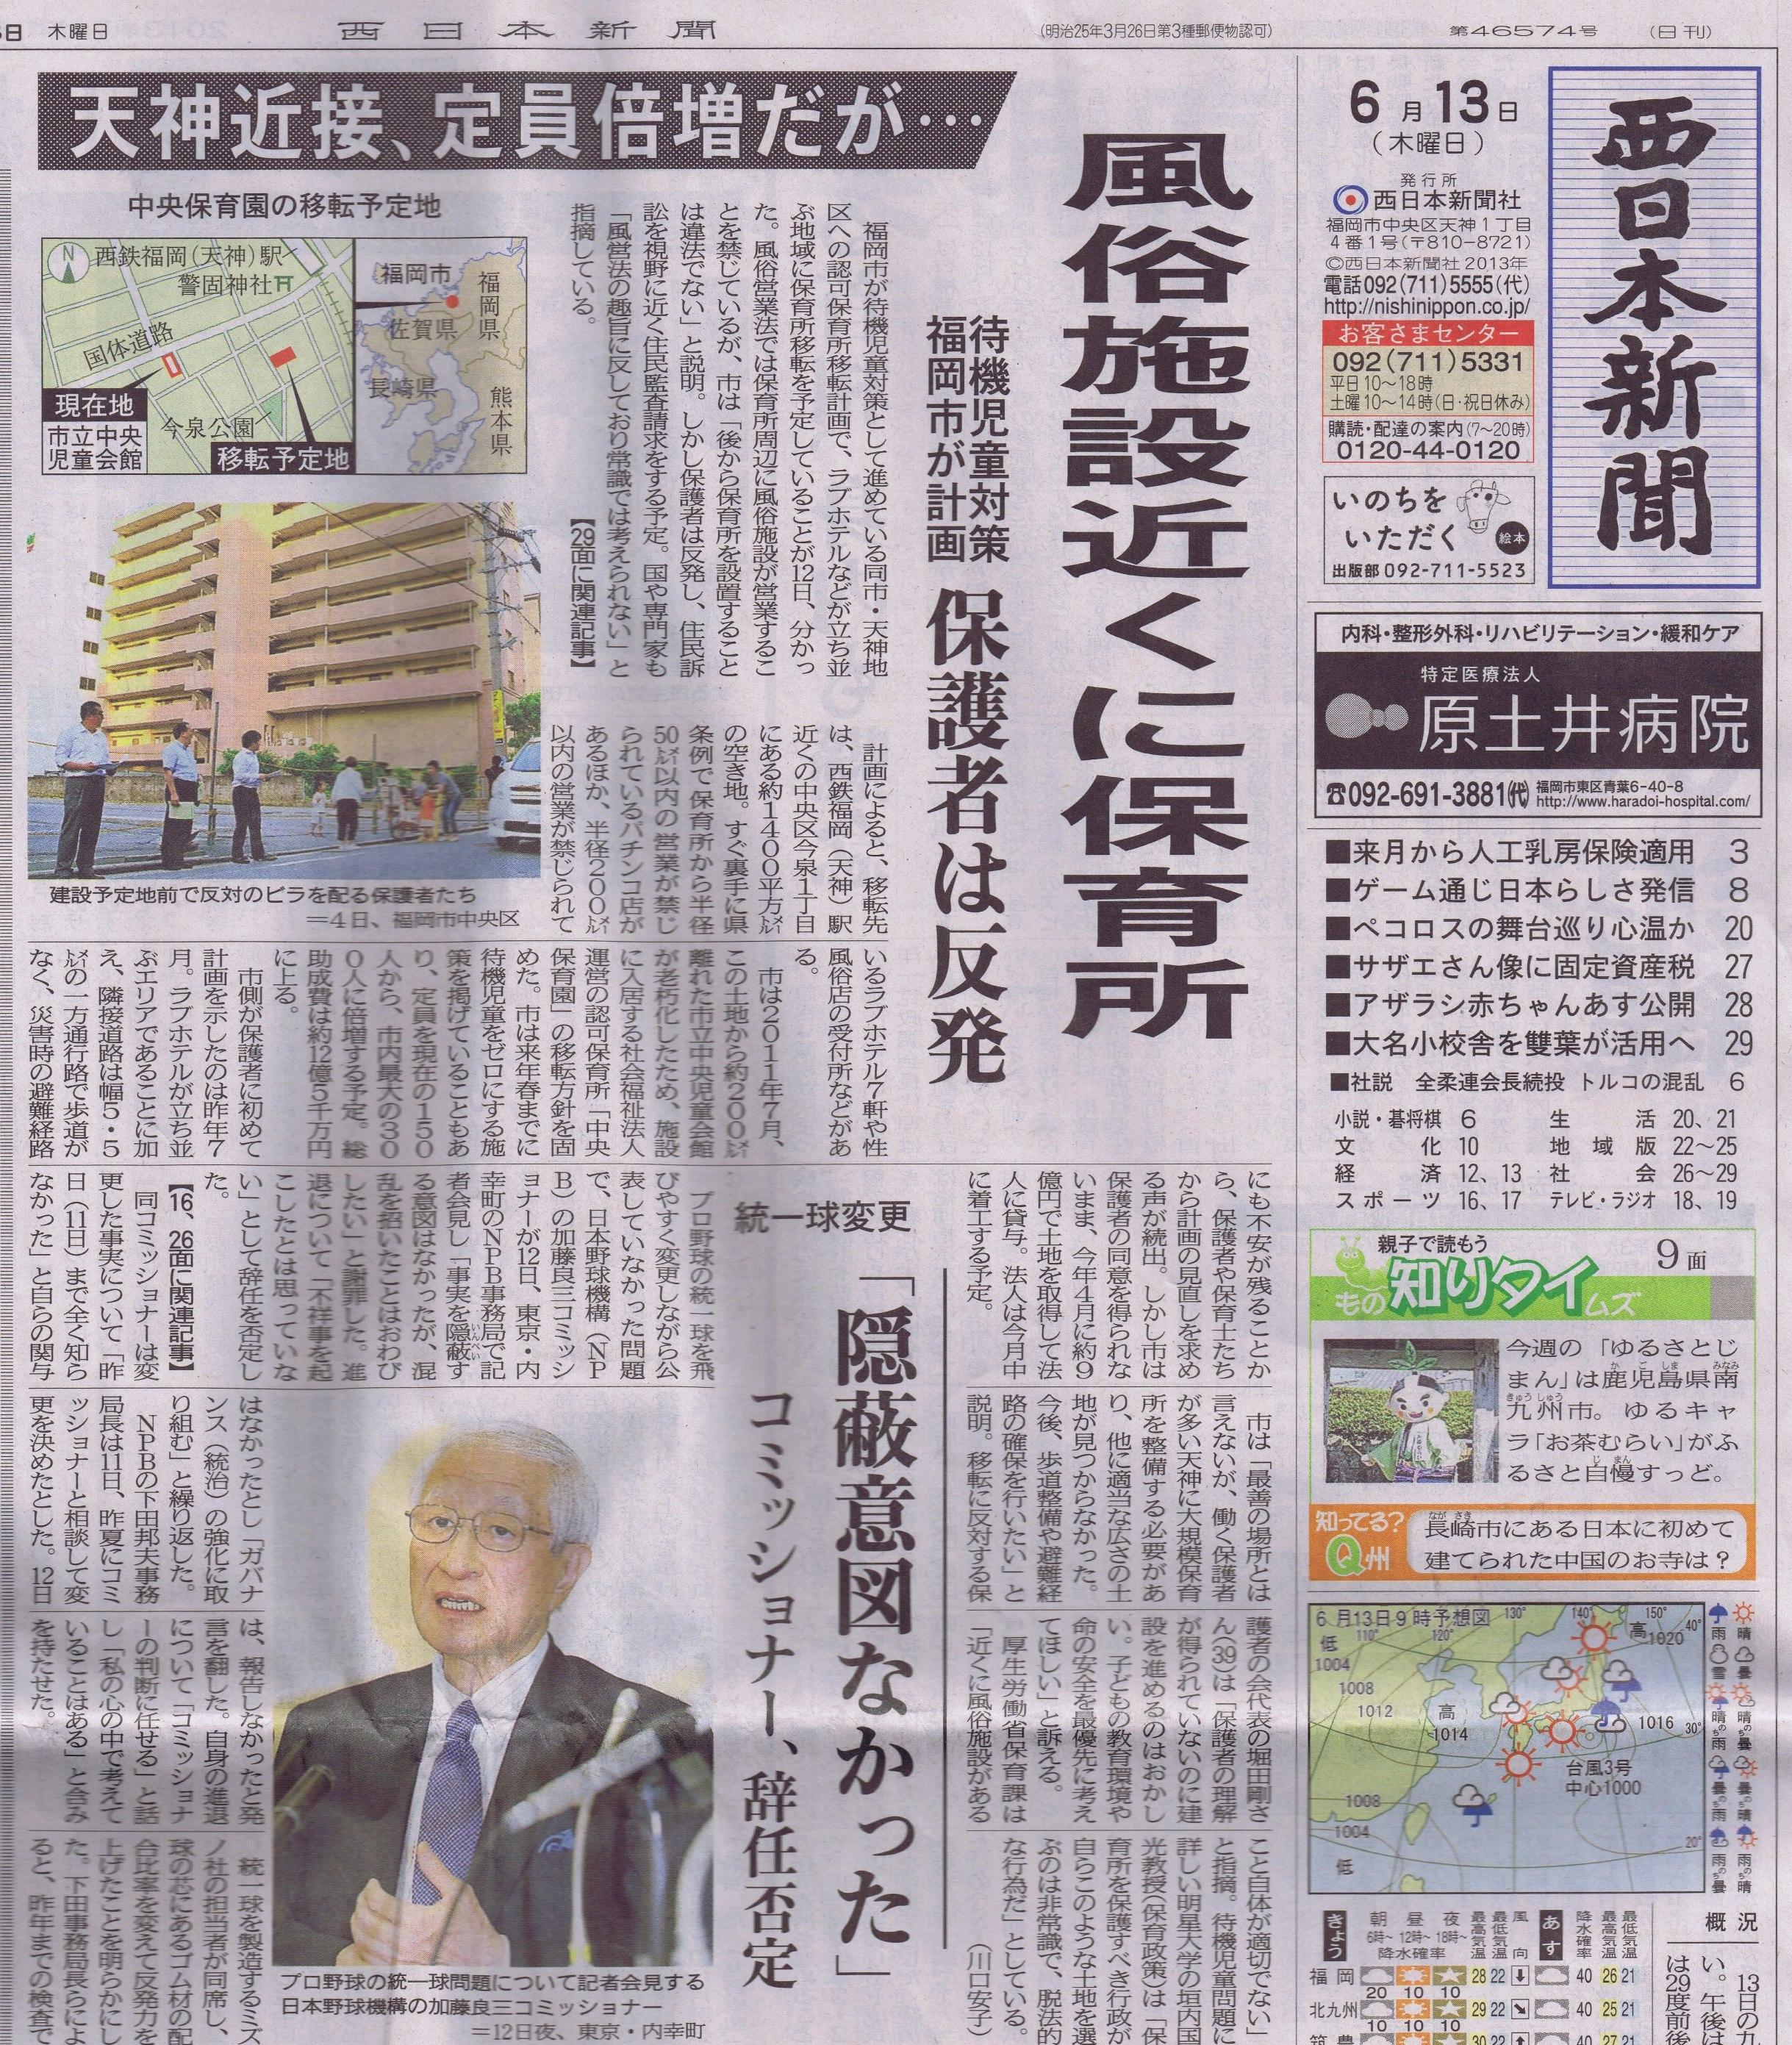 2013.06.13_西日本新聞一面